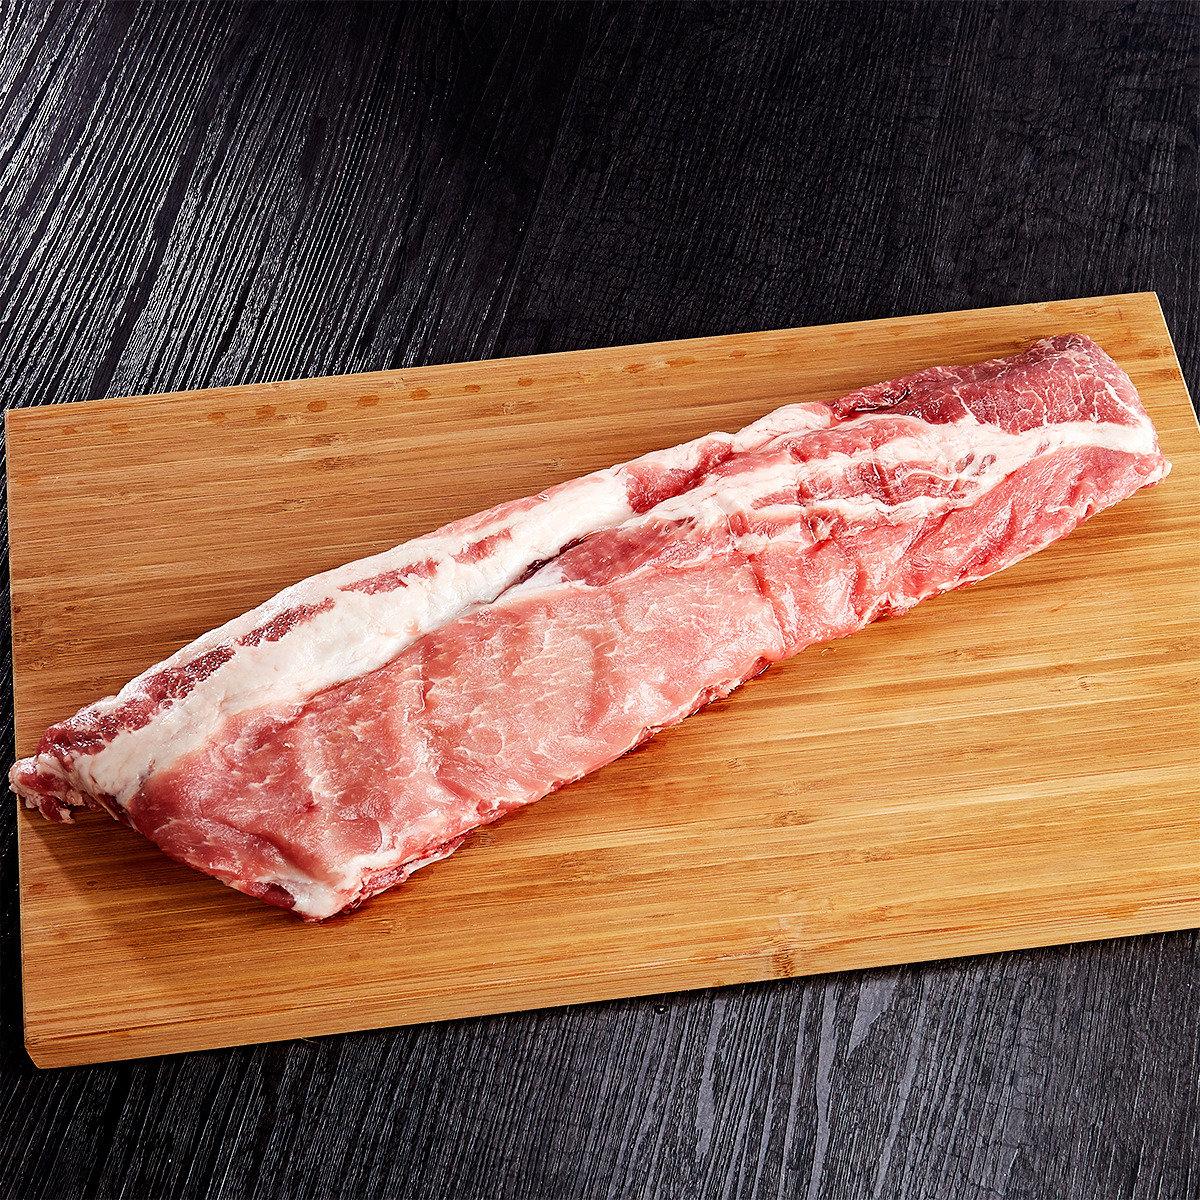 美國天然豬豬仔骨(急凍)